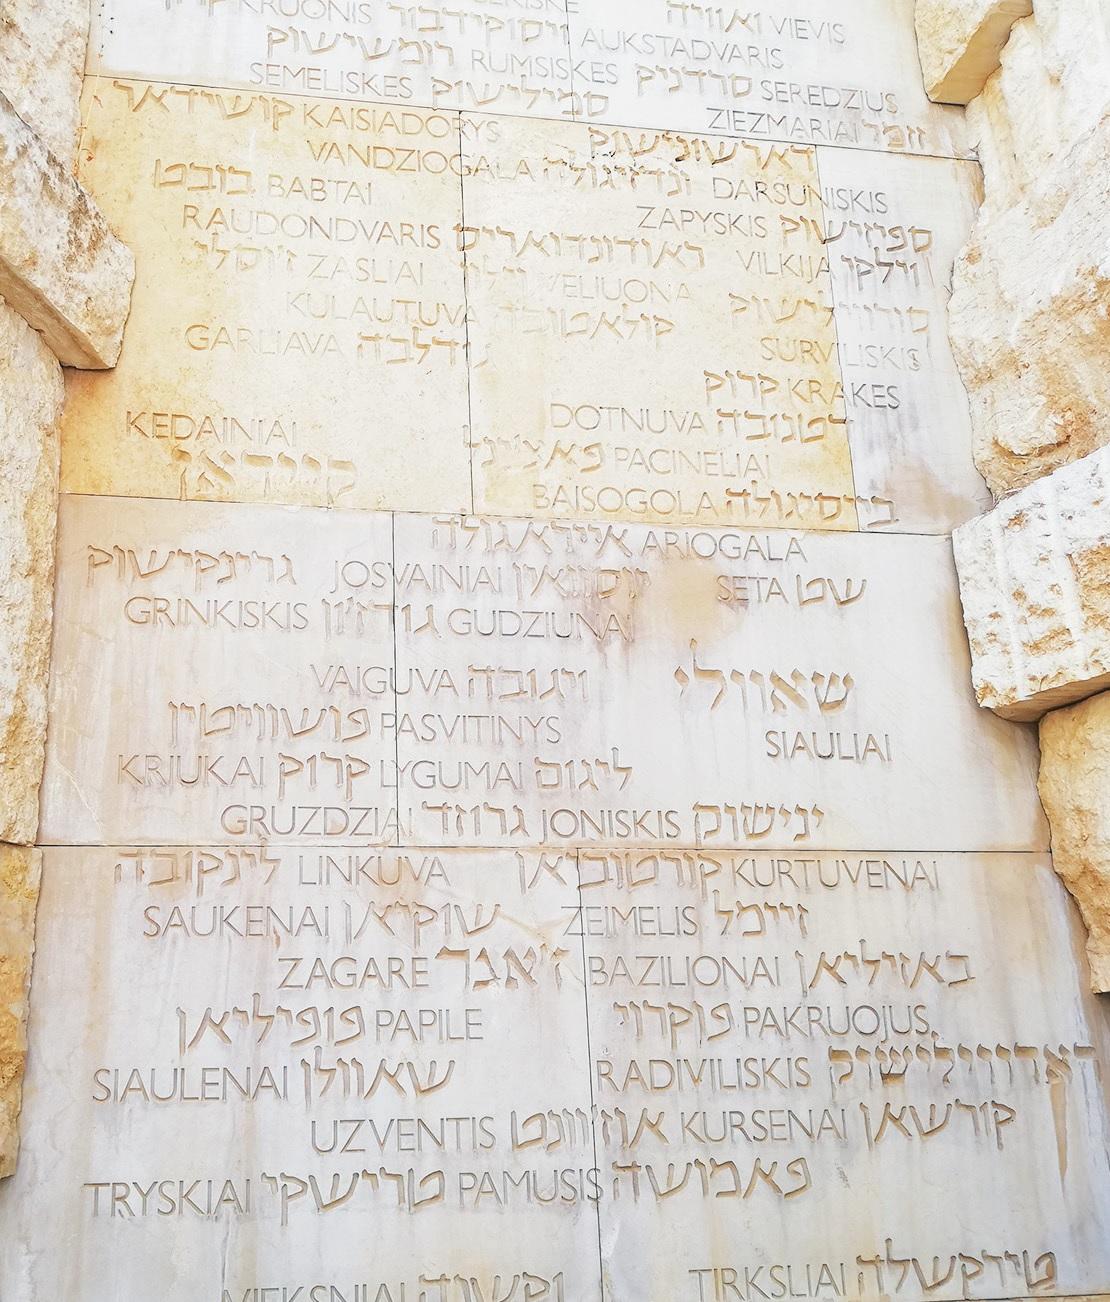 Izraelyje apsilankiusios rajono pedagogės Yad Vashem Bendruomenių slėnyje, kuriame įamžintos visoje Europoje išnaikintų žydų bendruomenių vietovės, surado ir Kėdainių kraštą, čia minimi Kėdainiai, Josvainiai, Krakės, Dotnuva ir kt.